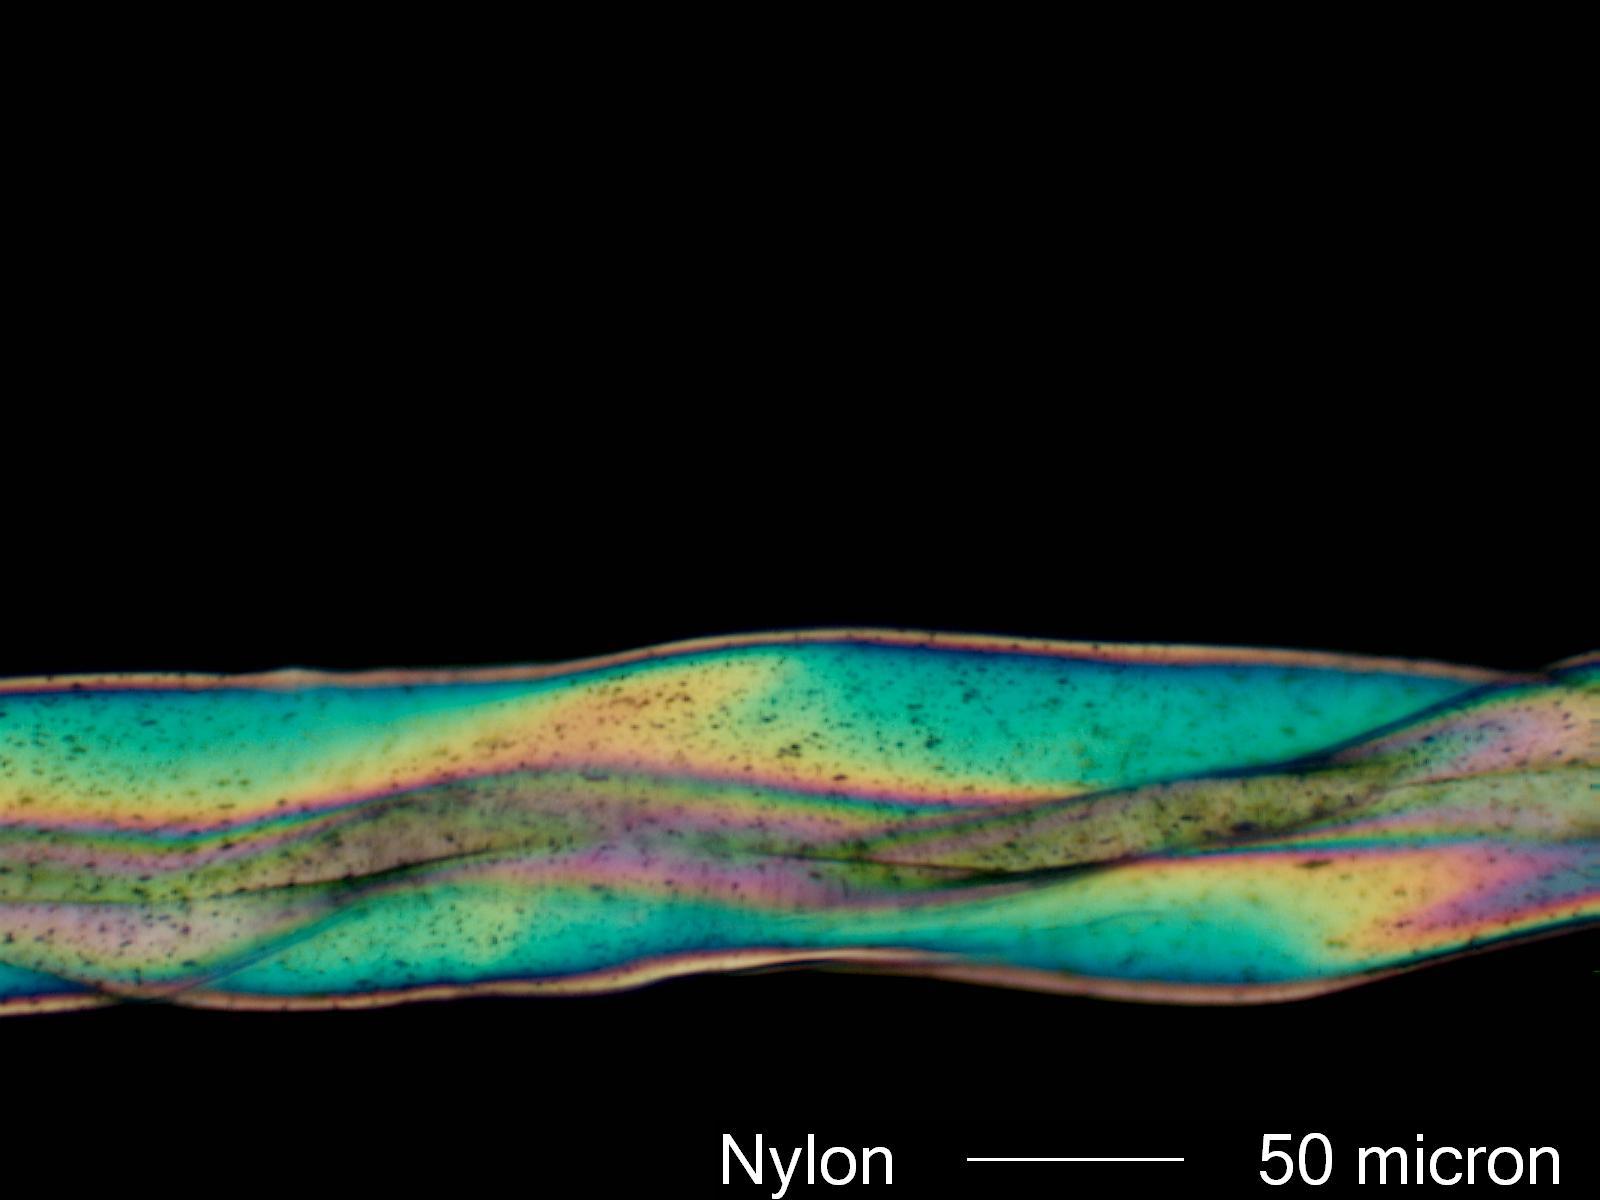 Nylon Under Microscope